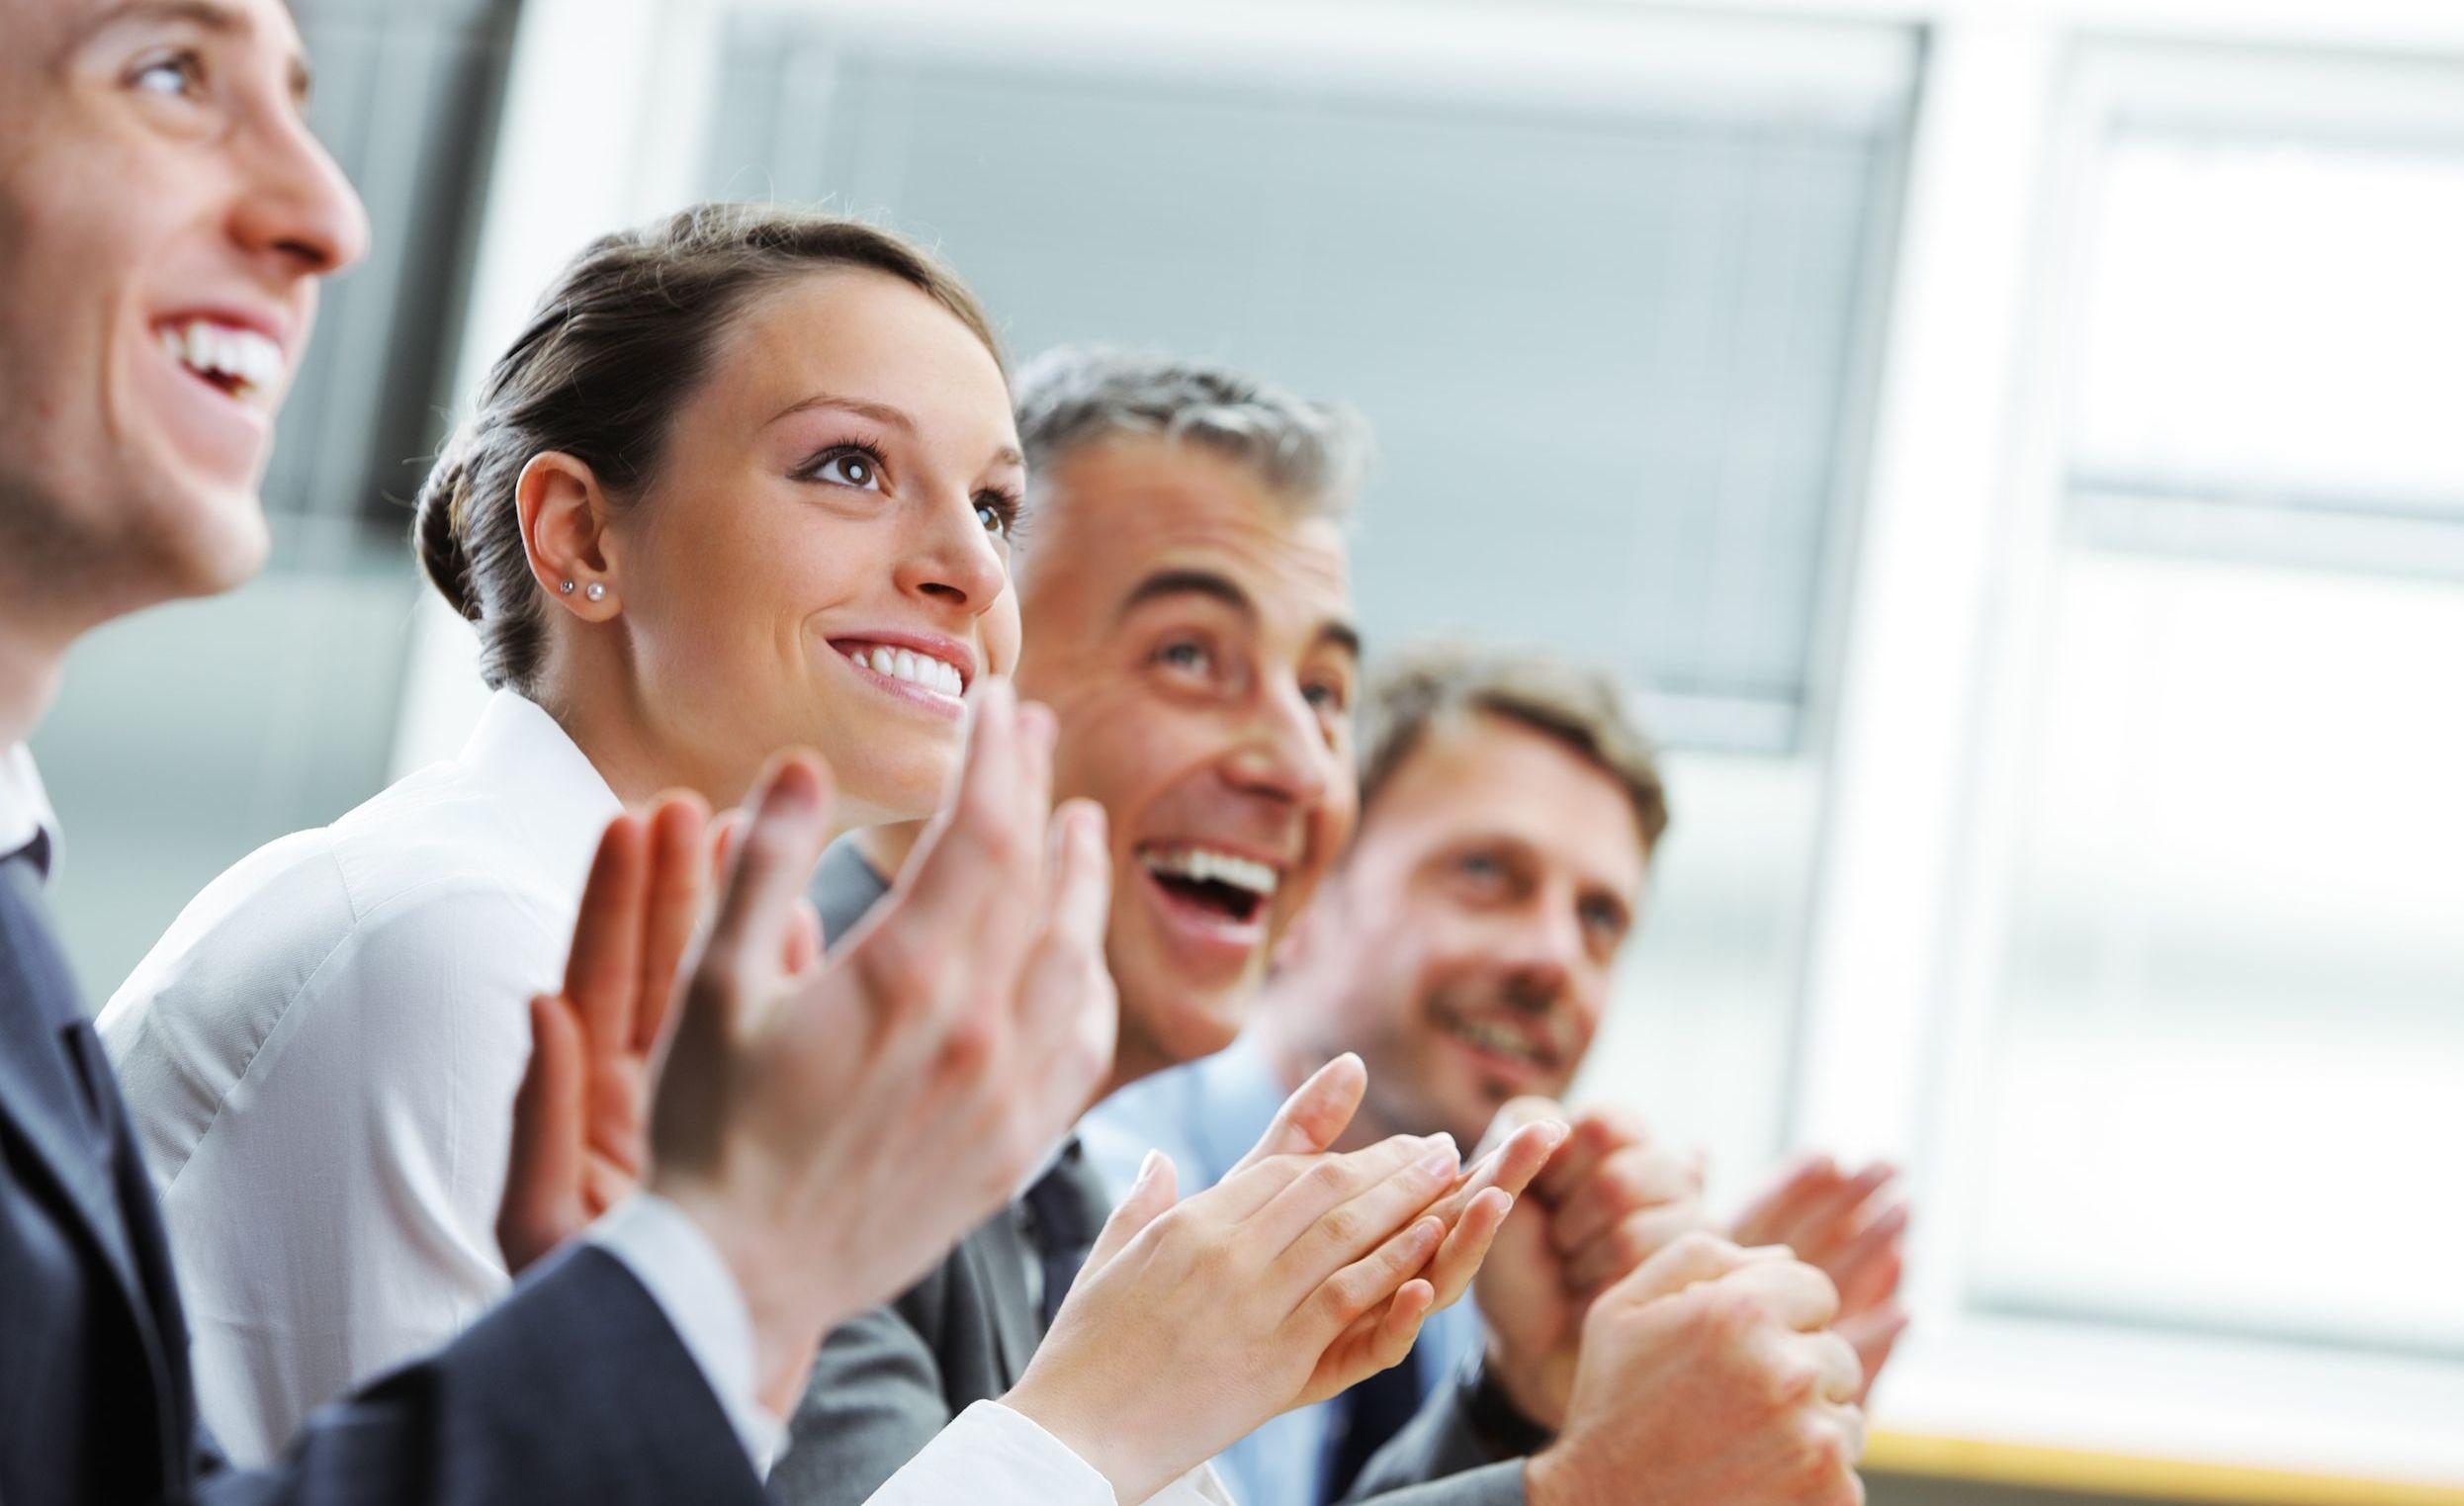 10 rzeczy, które musi wyeliminować lider Sukces lider mediarun com